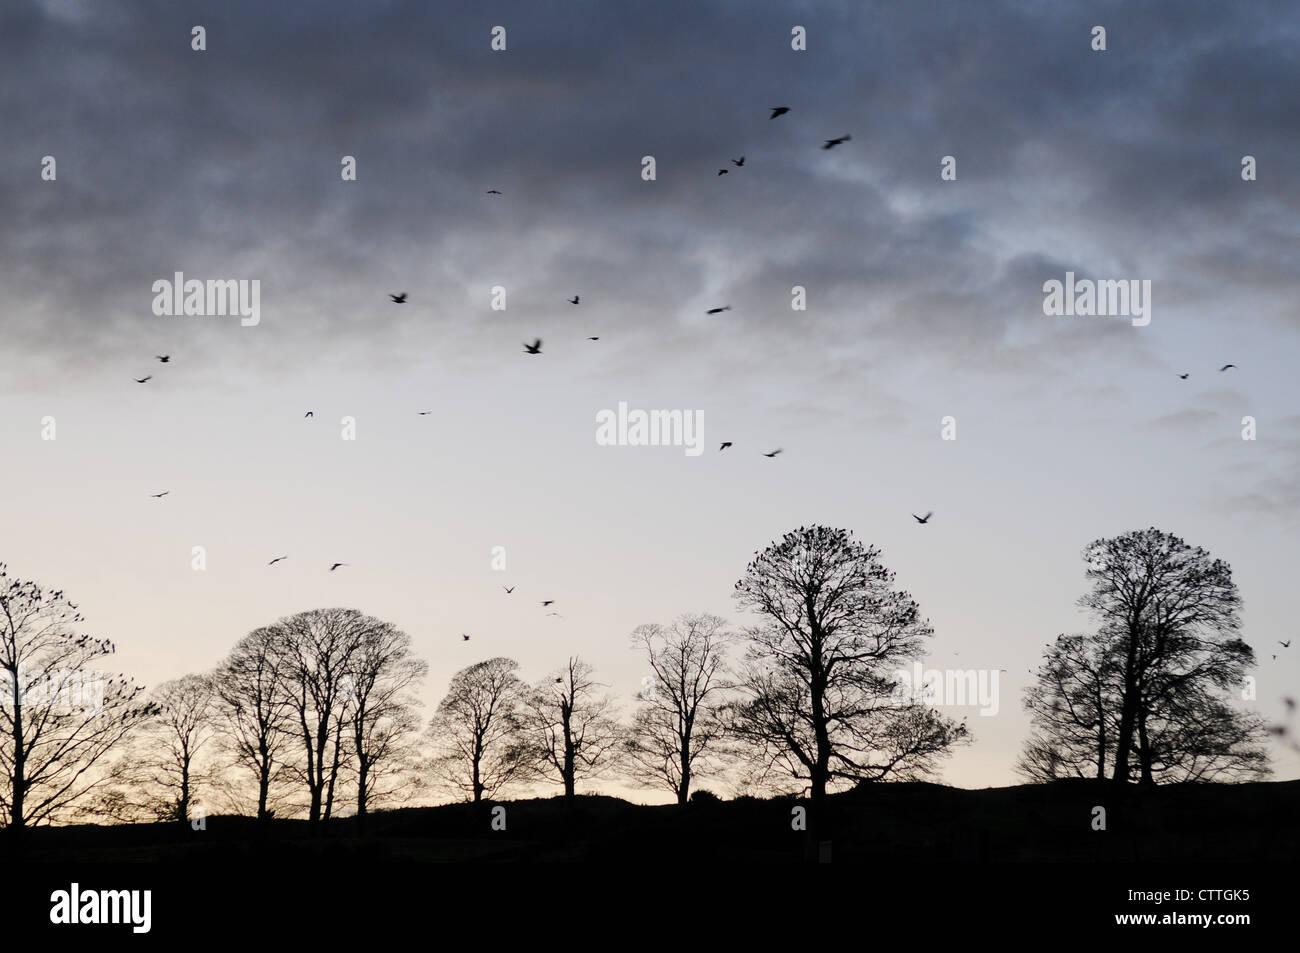 Árboles silueta negra en invierno , Stackallan, Navan, Condado de Meath, Irlanda Imagen De Stock